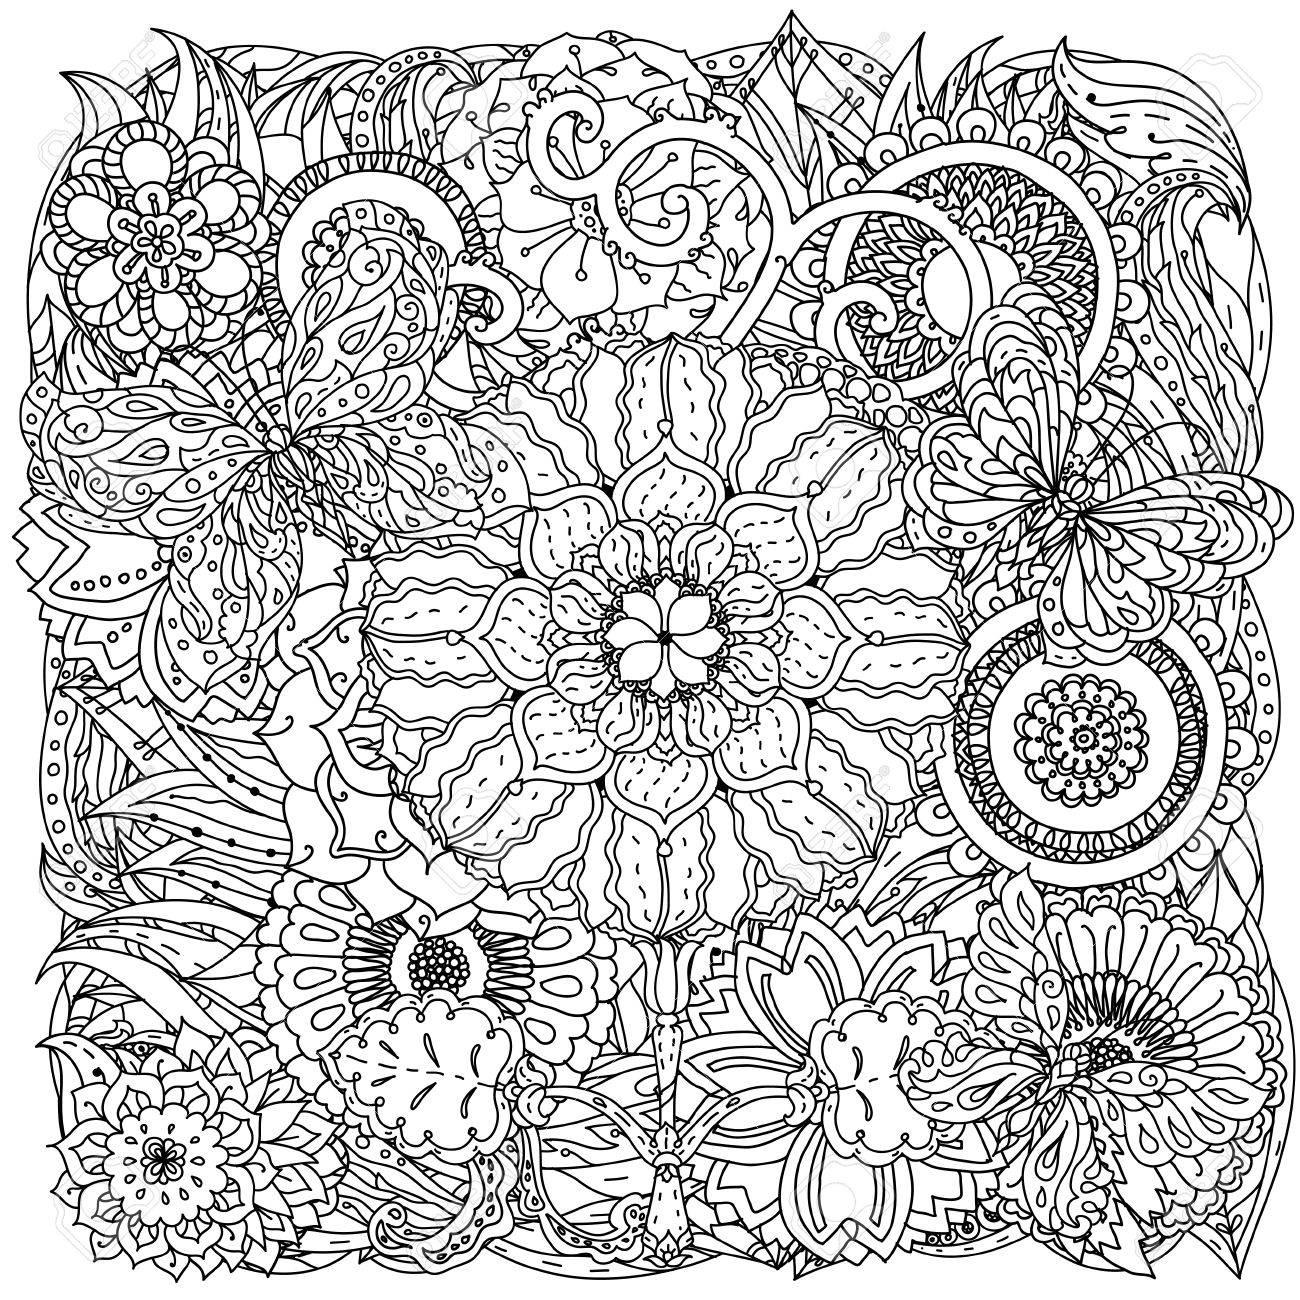 Des Fleurs Et Des Papillons Pour Livre De Coloriage Adulte Ou Style Art Therapie Dessin Zen En Forme De Mandala Profilees Hand Drawn Griffonnage